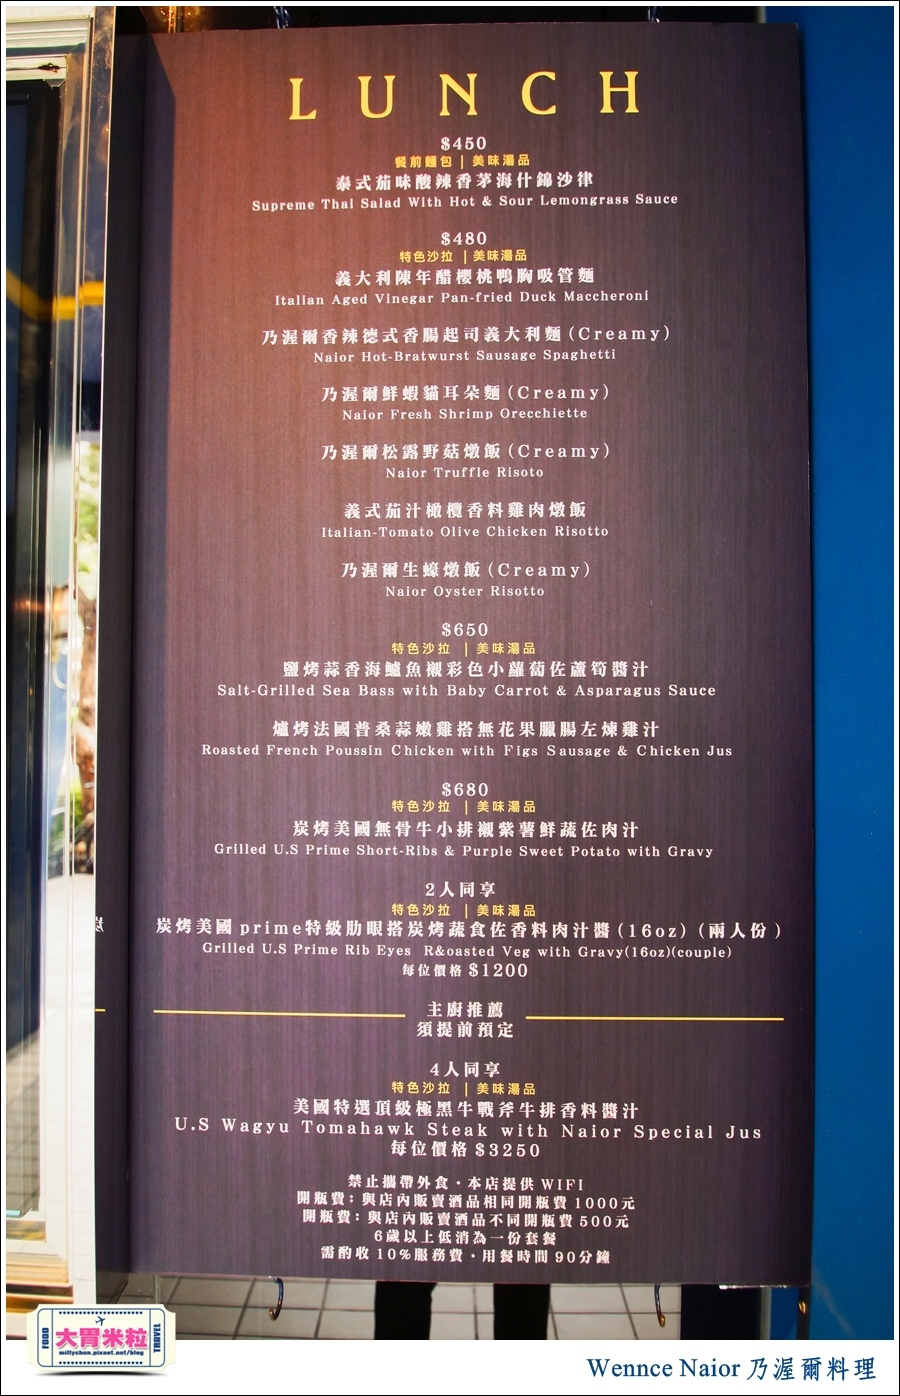 台北無國界料理推薦@WennceNaior乃渥爾料理-鮮蝦貓耳朵麵@大胃米粒0053.jpg